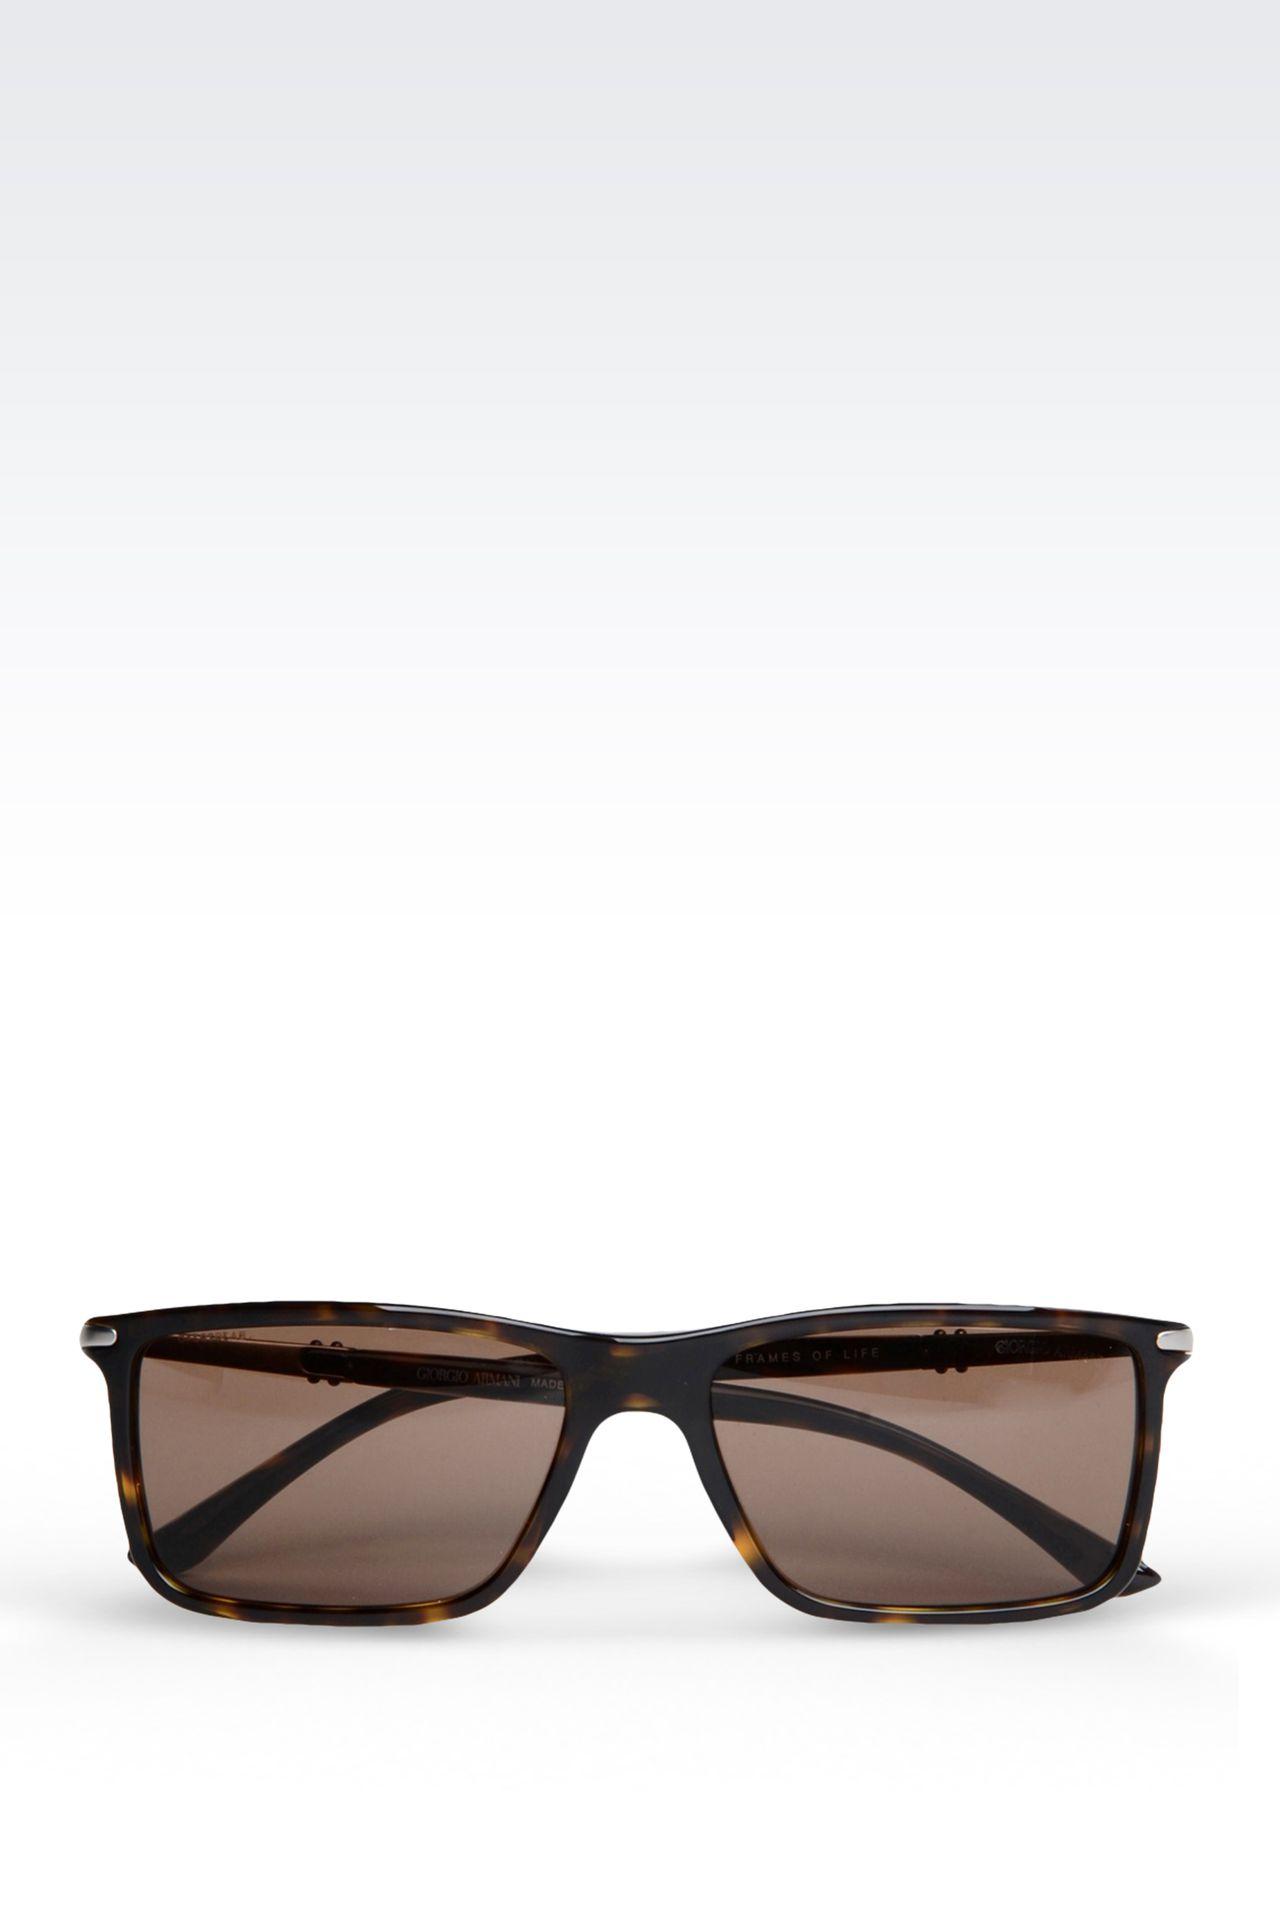 Giorgio Armani Glasses Frame Mens : Giorgio Armani Men SUNGLASSES FROM THE GIORGIO ARMANI ...